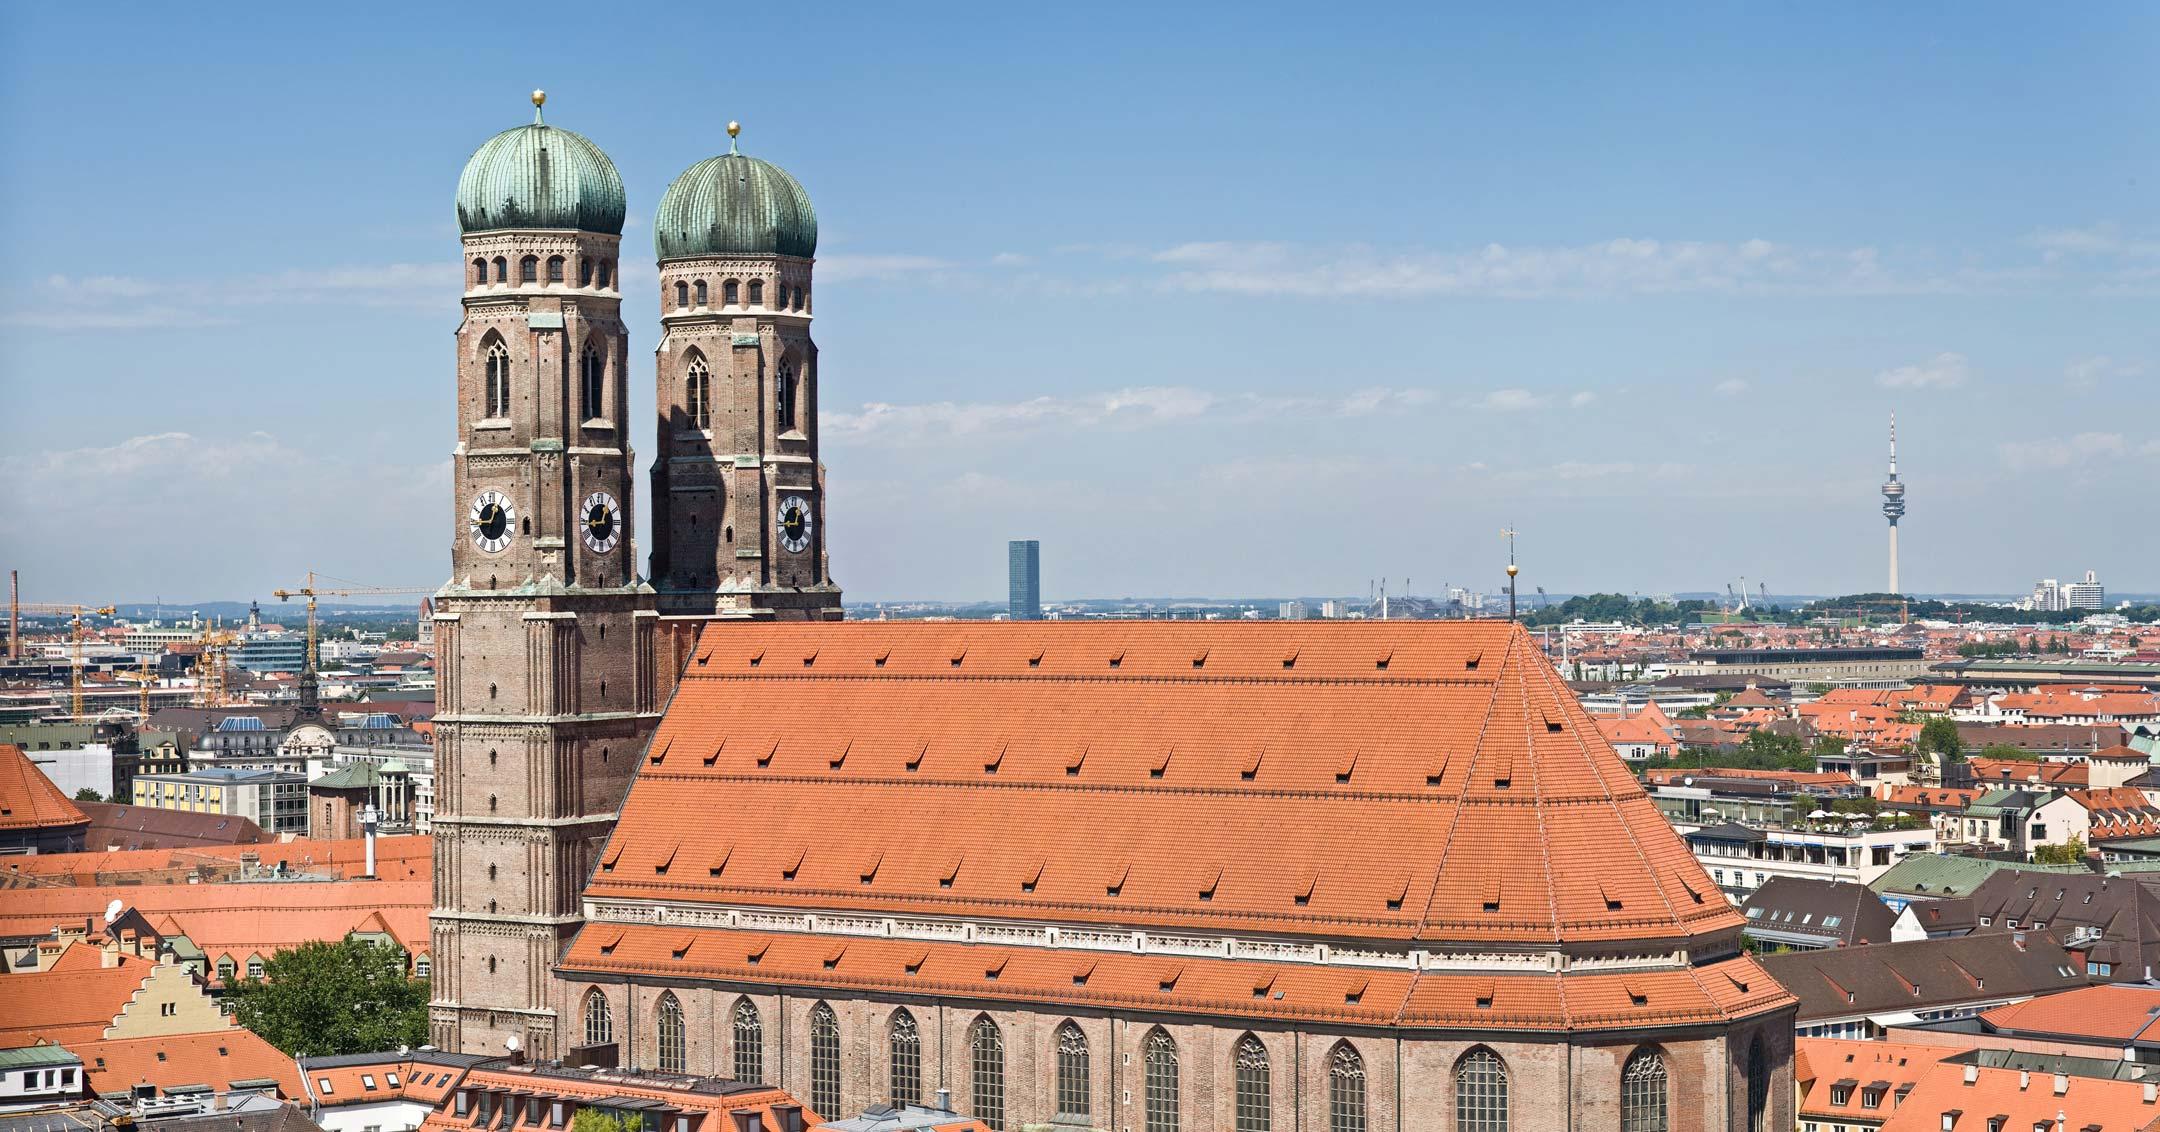 Luftfracht Hubschrauber München